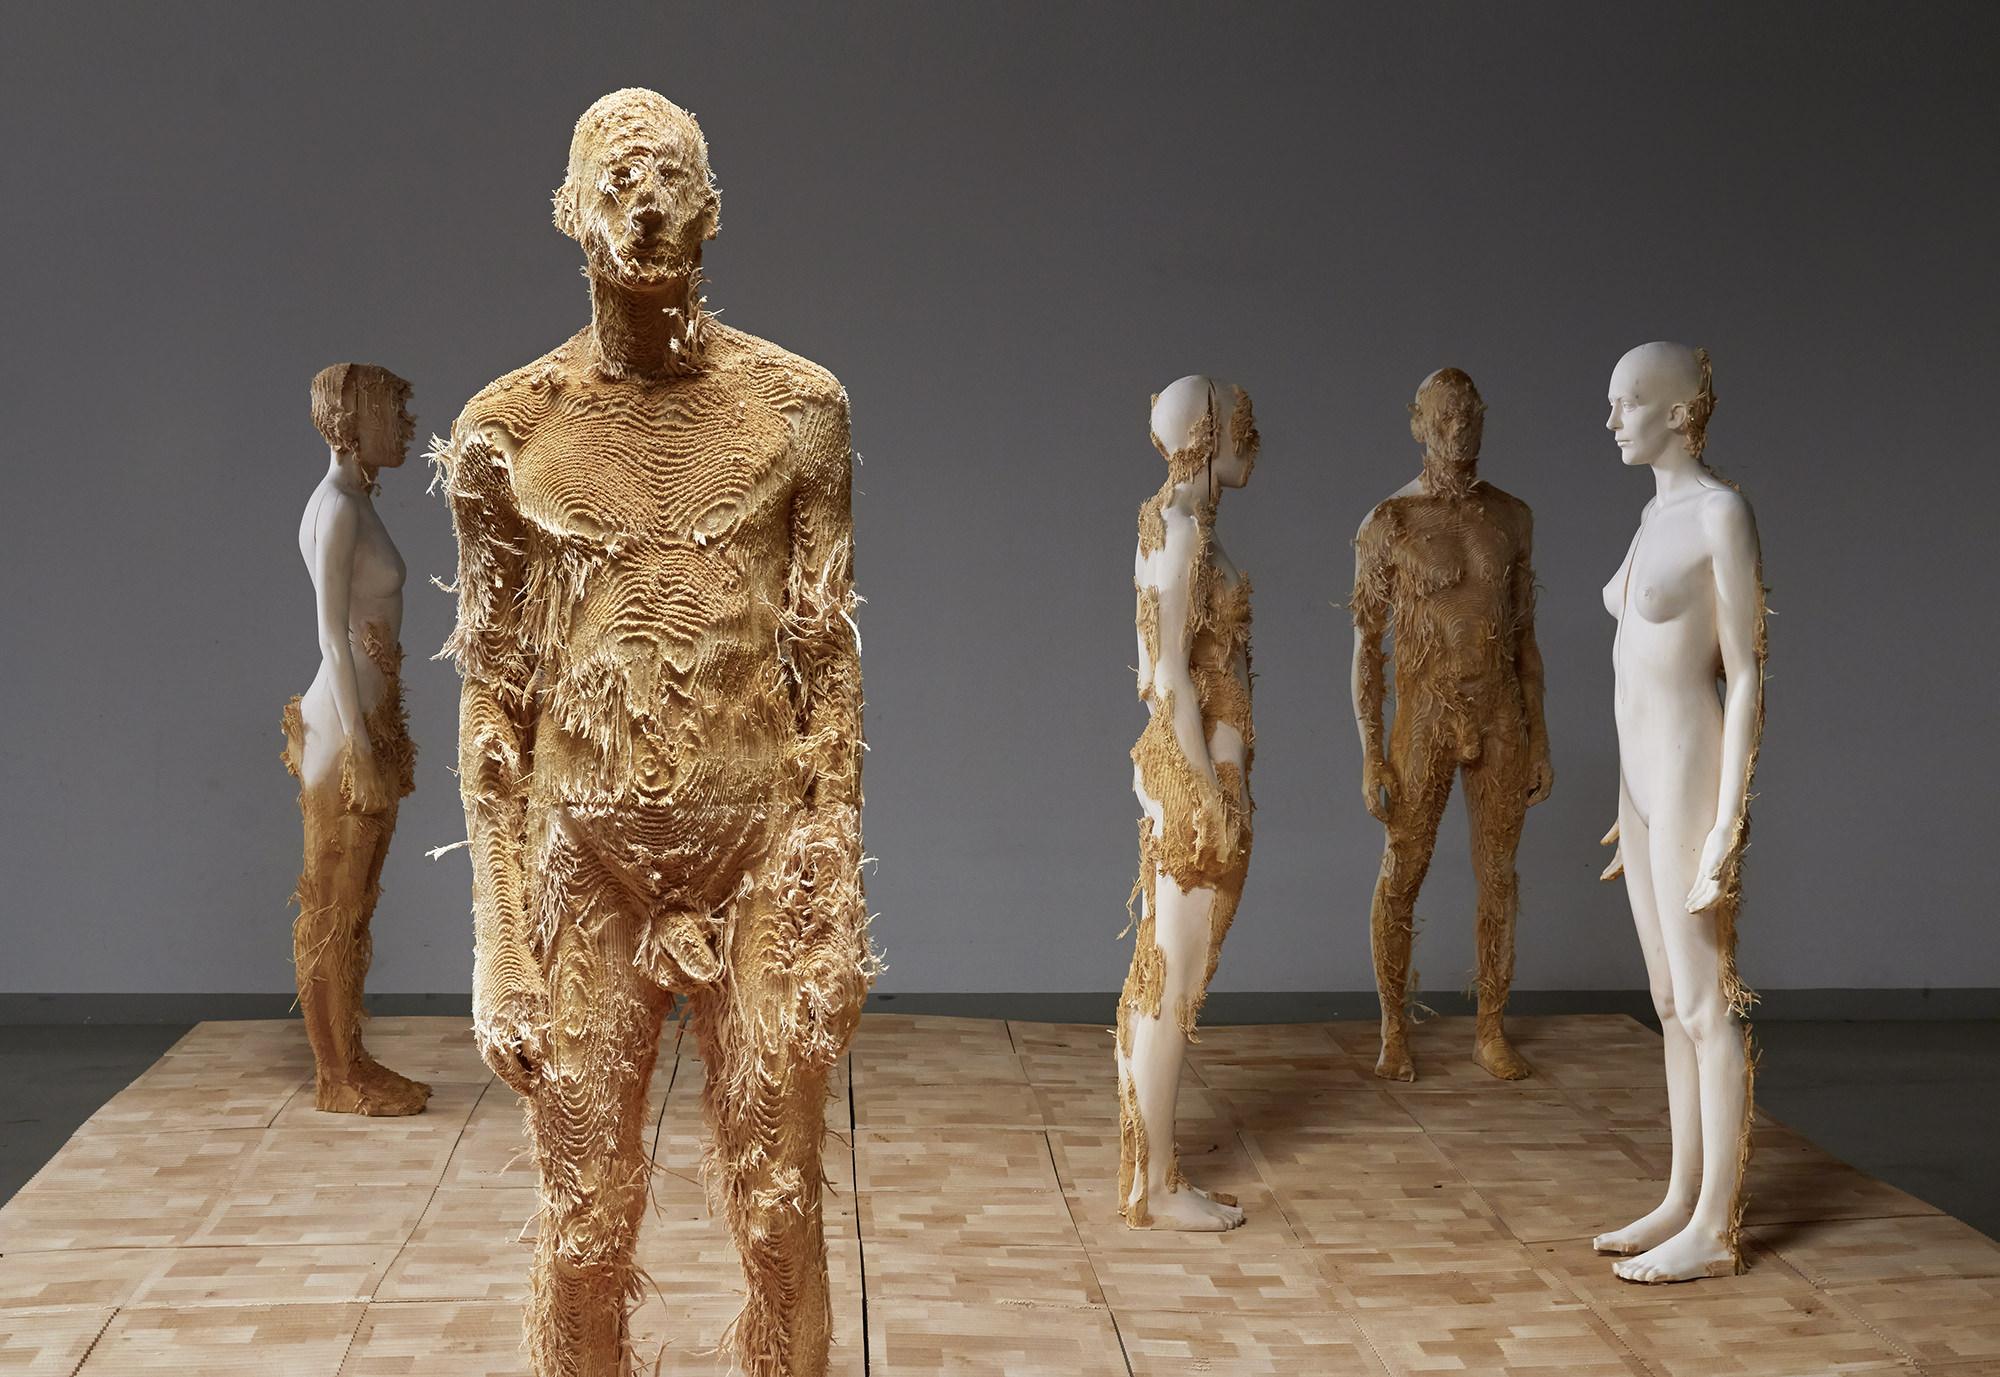 ветви современная скульптура россии фото красавица одета клетчатую